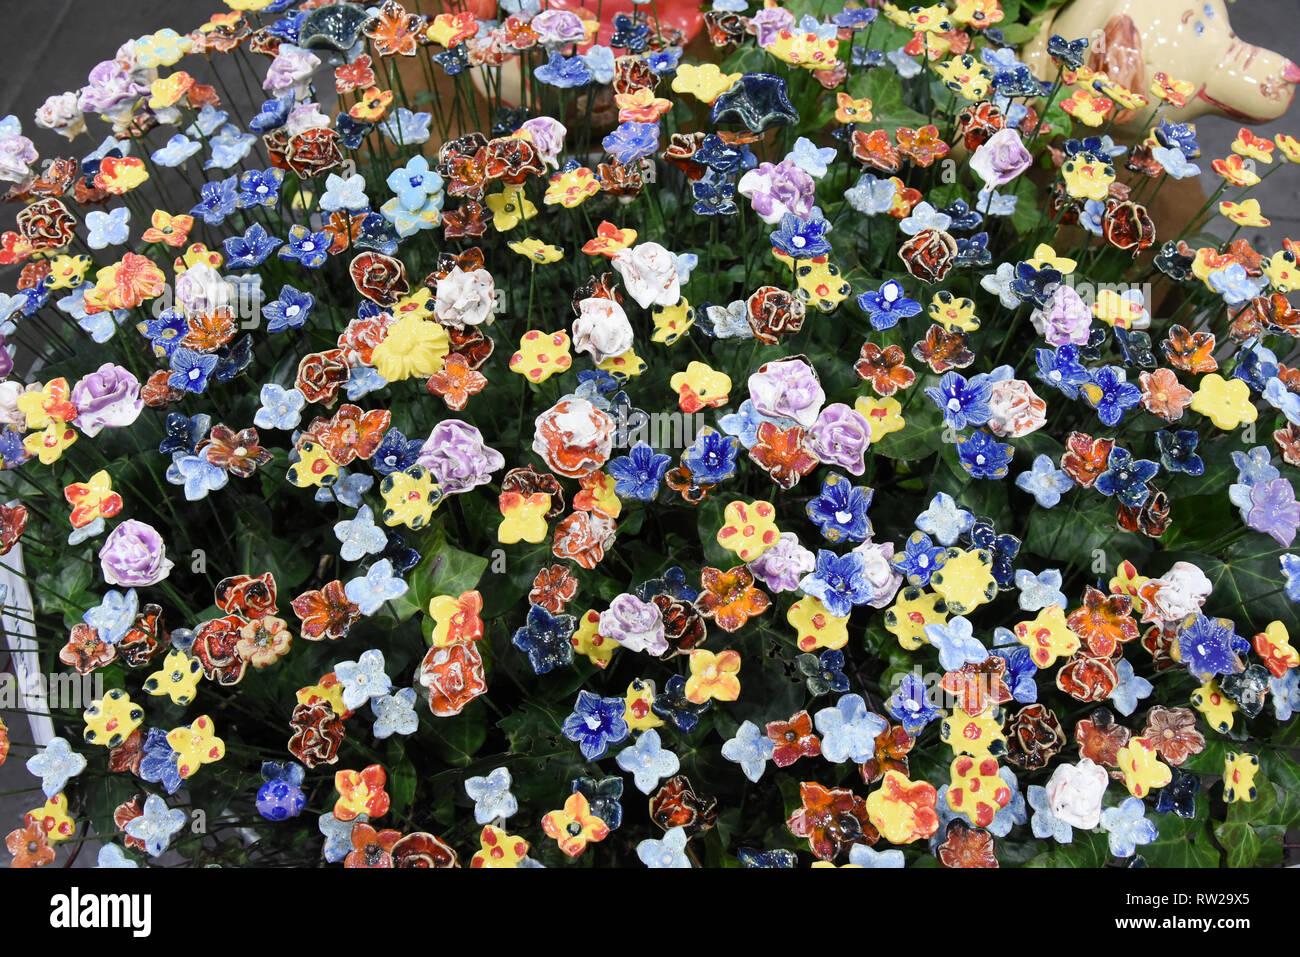 Keramik Blumen Stockfotos Keramik Blumen Bilder Alamy